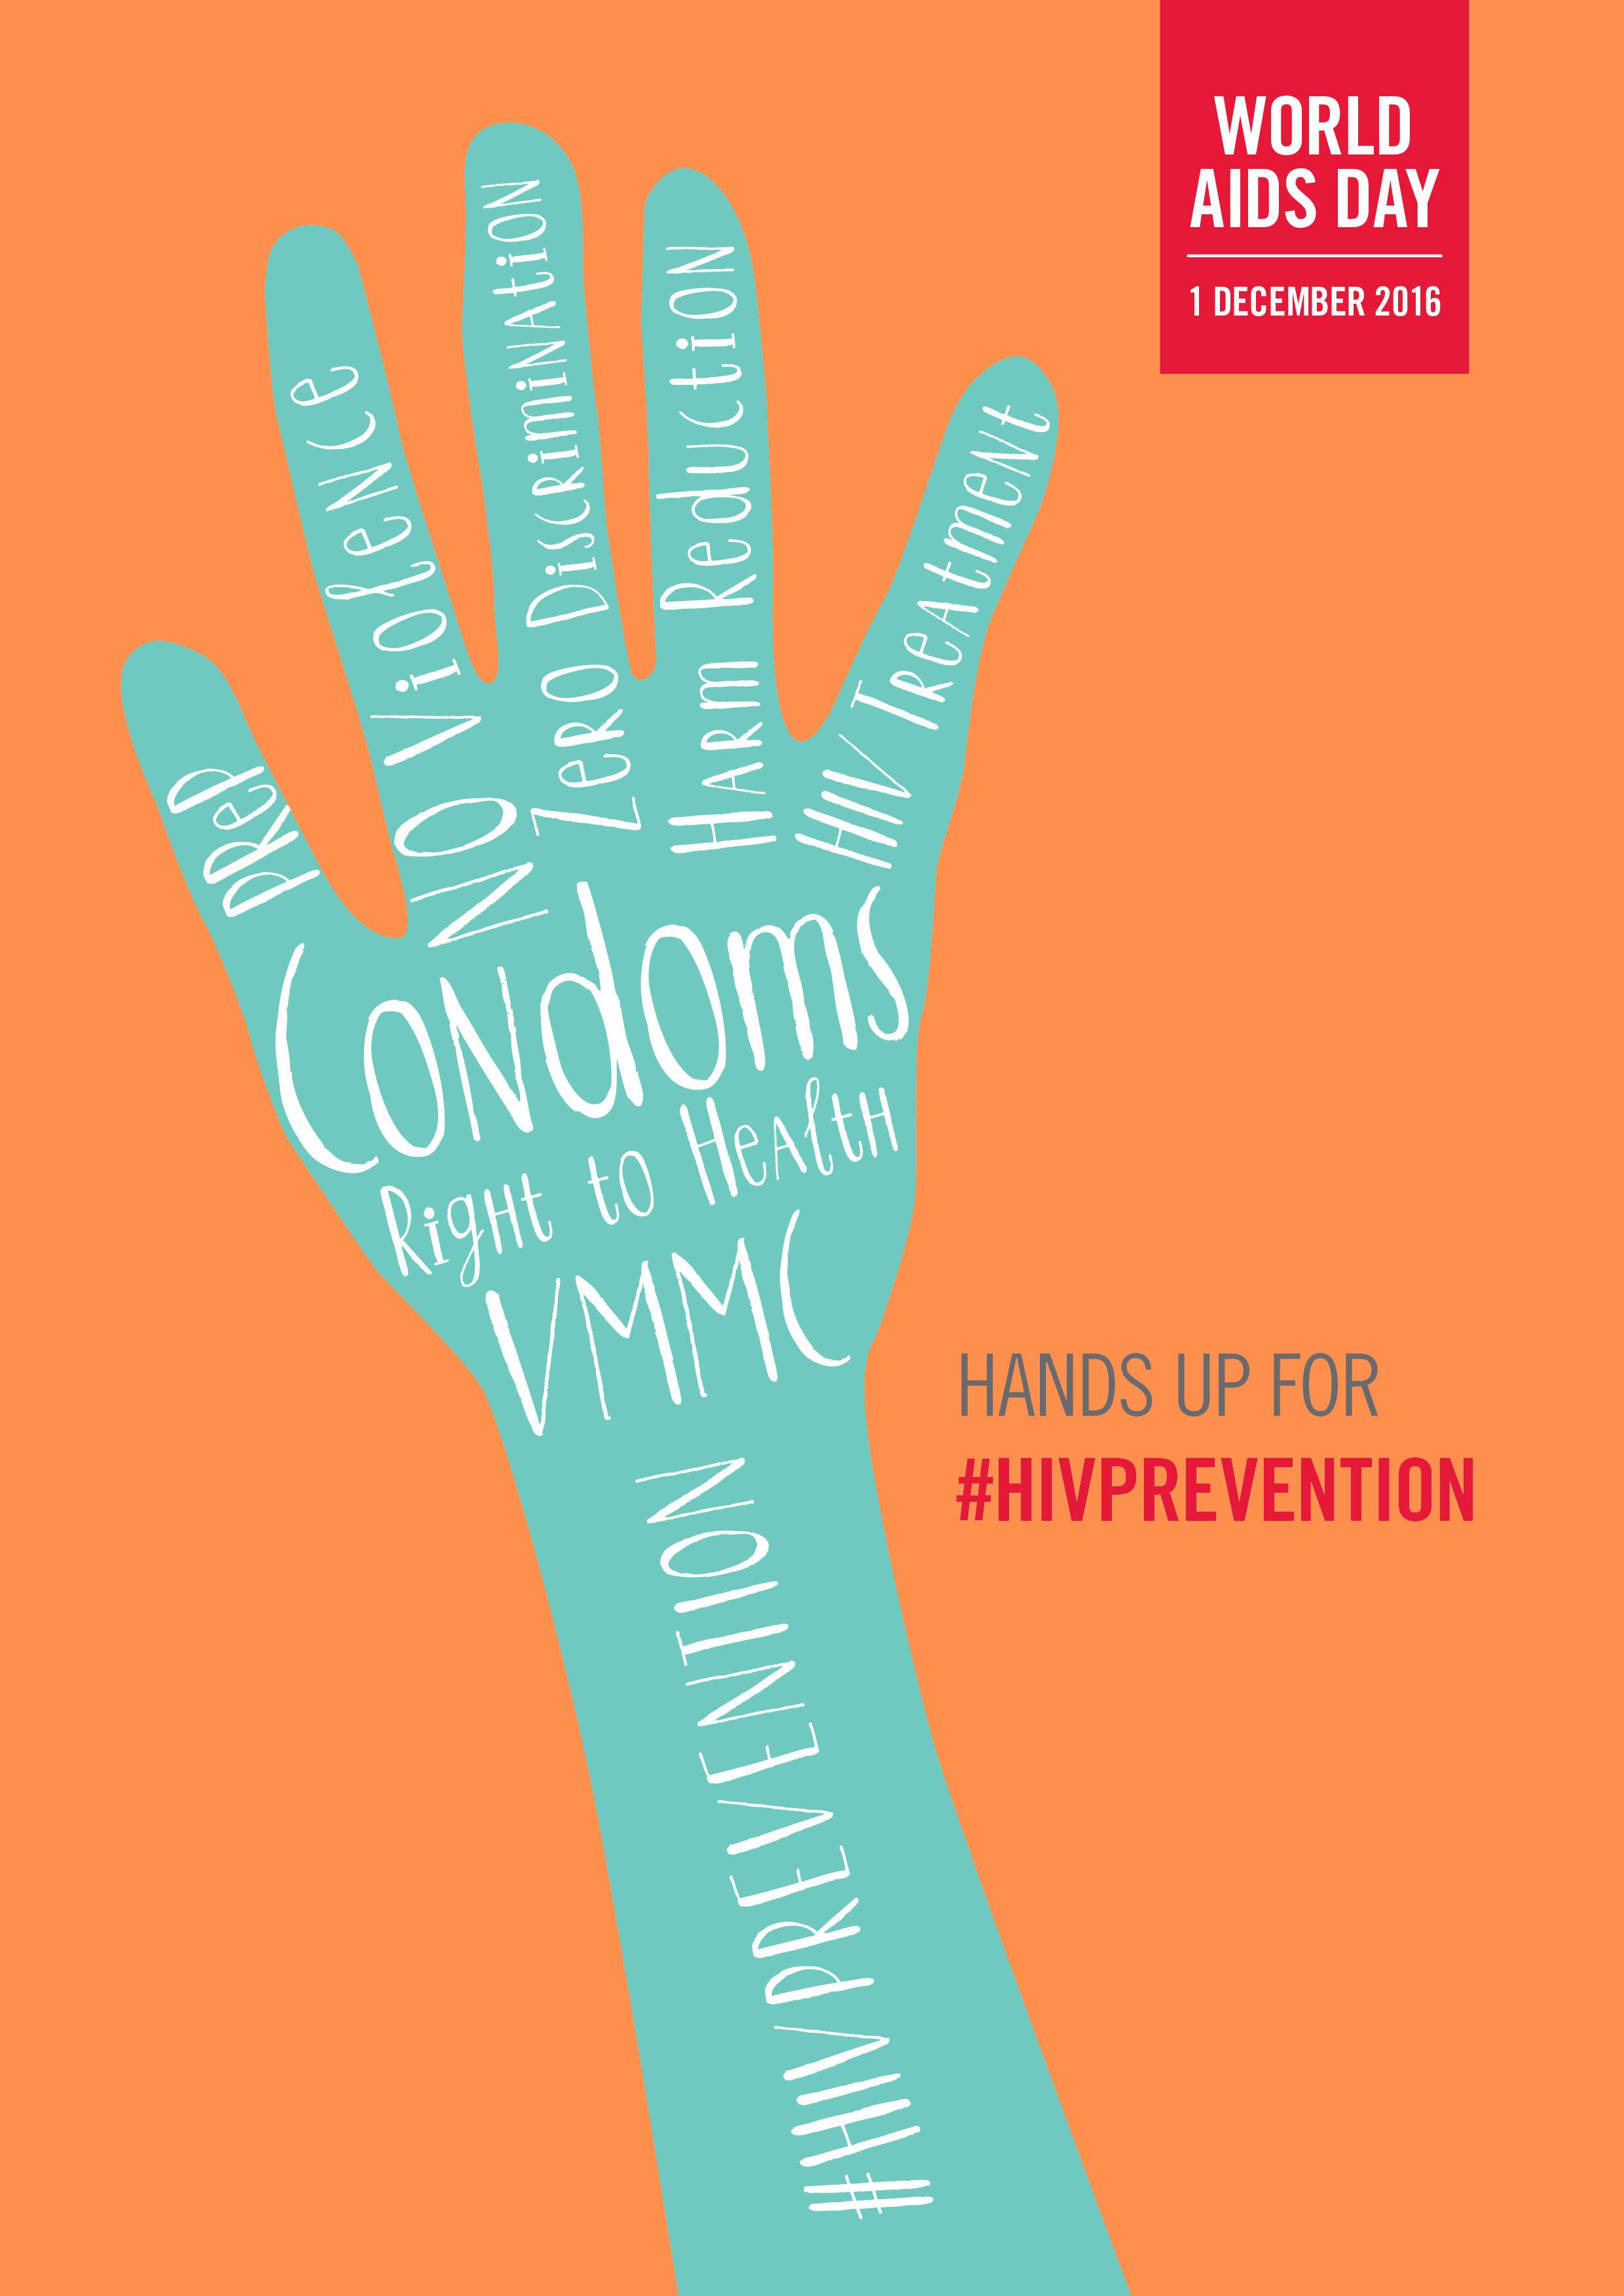 1 DICEMBRE. Giornata mondiale di lotta all'Aids. ALZIAMO LA MANO  #HIVPREVENTION